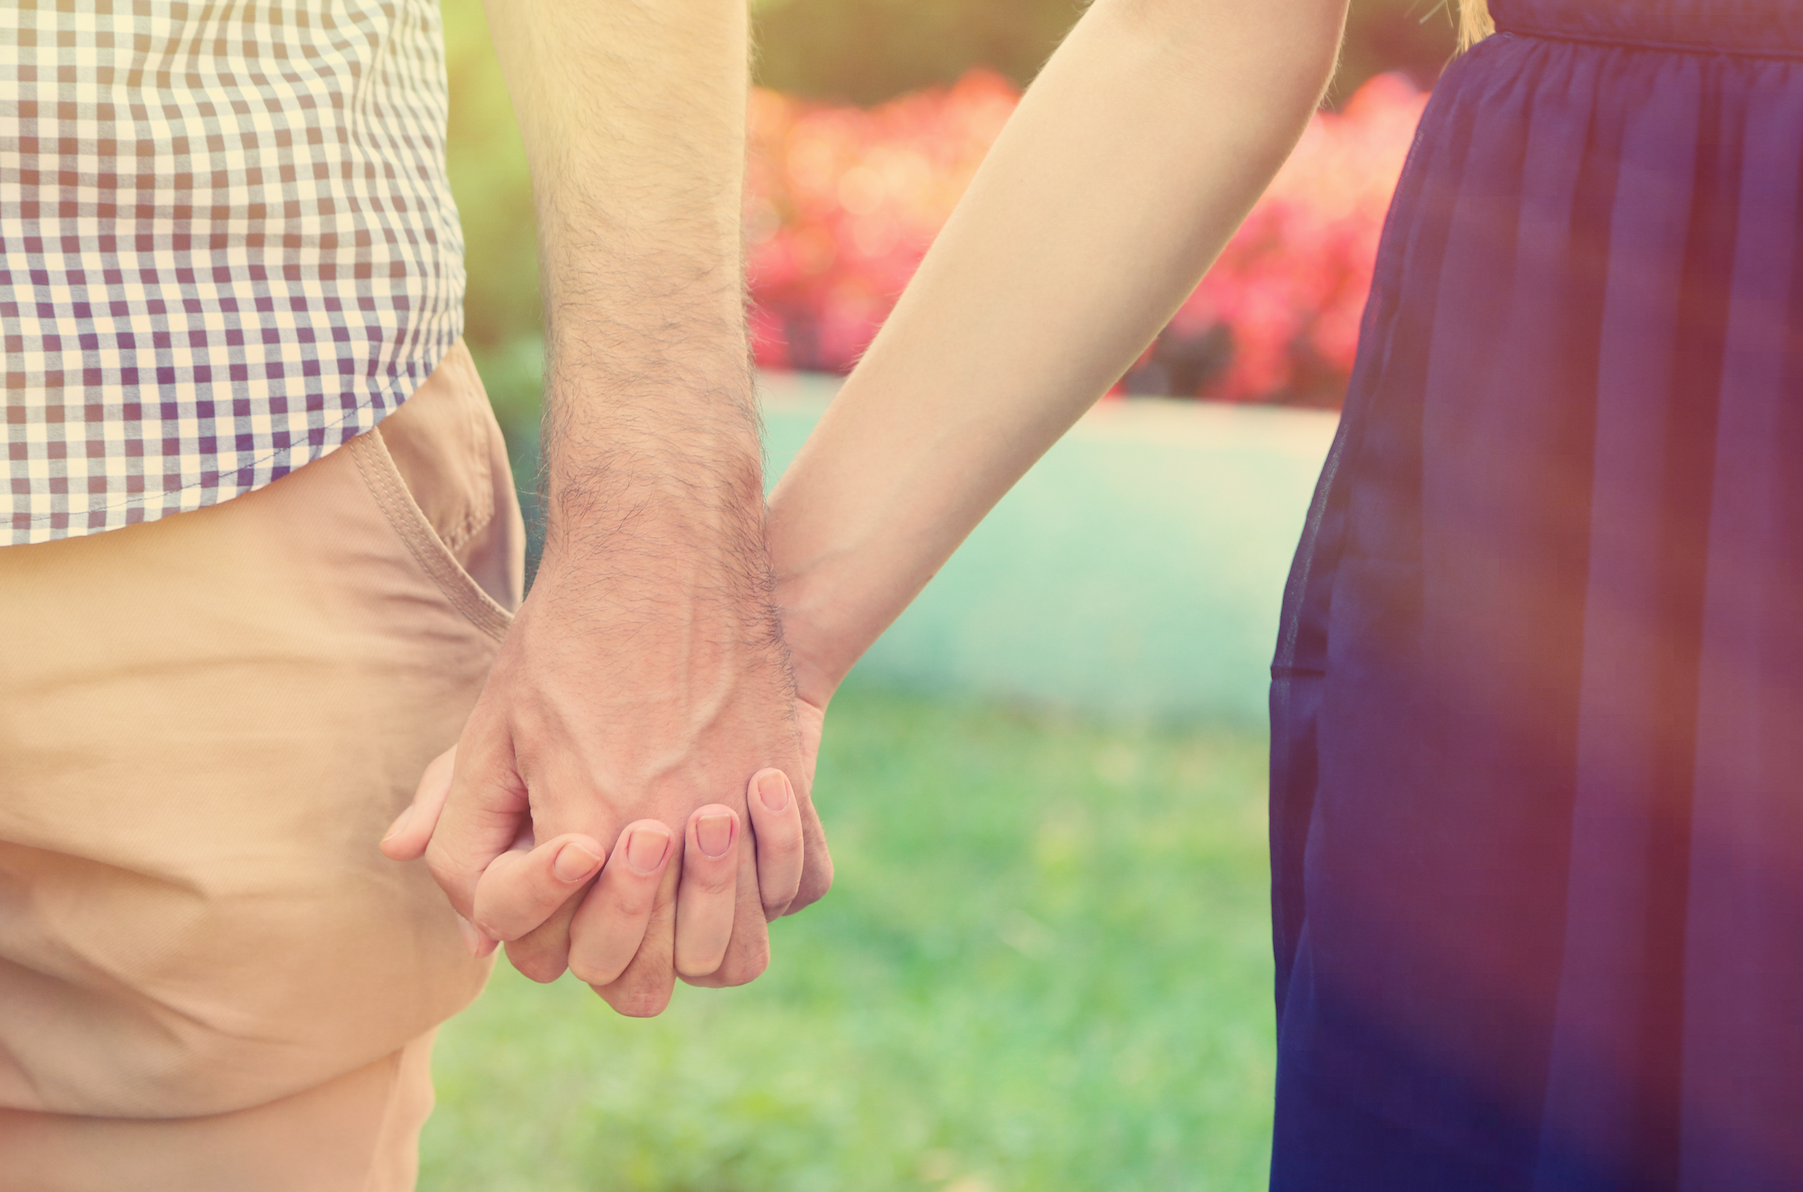 Nurturing Your Marriage